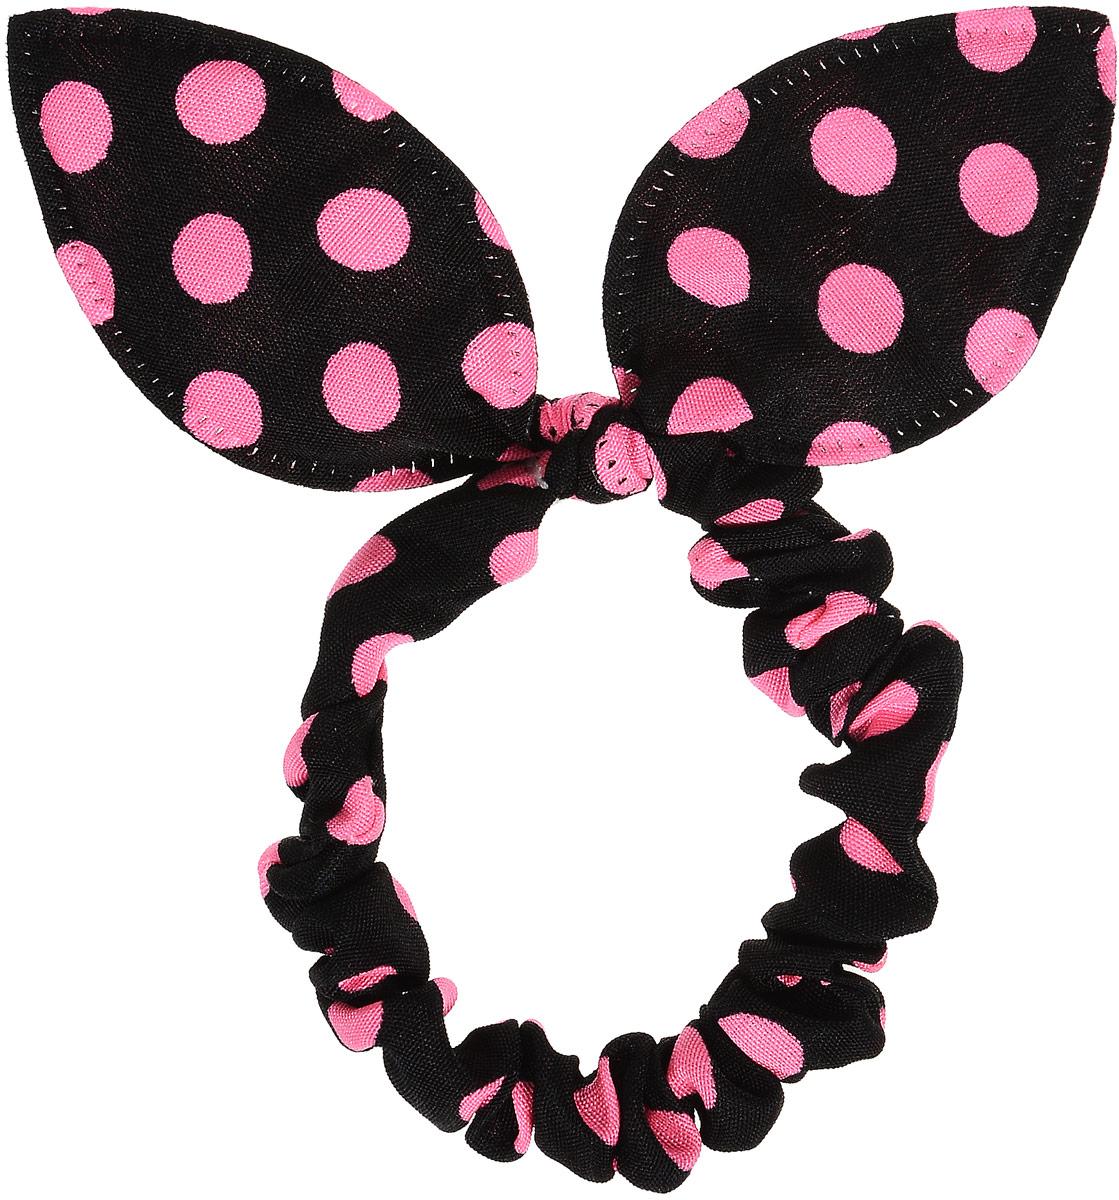 Magic Leverage Резинка в горошек, цвет: черный, розовыйрг_черный, розовыйСтильная и удобная резинка для волос. Диаметр 5 см.